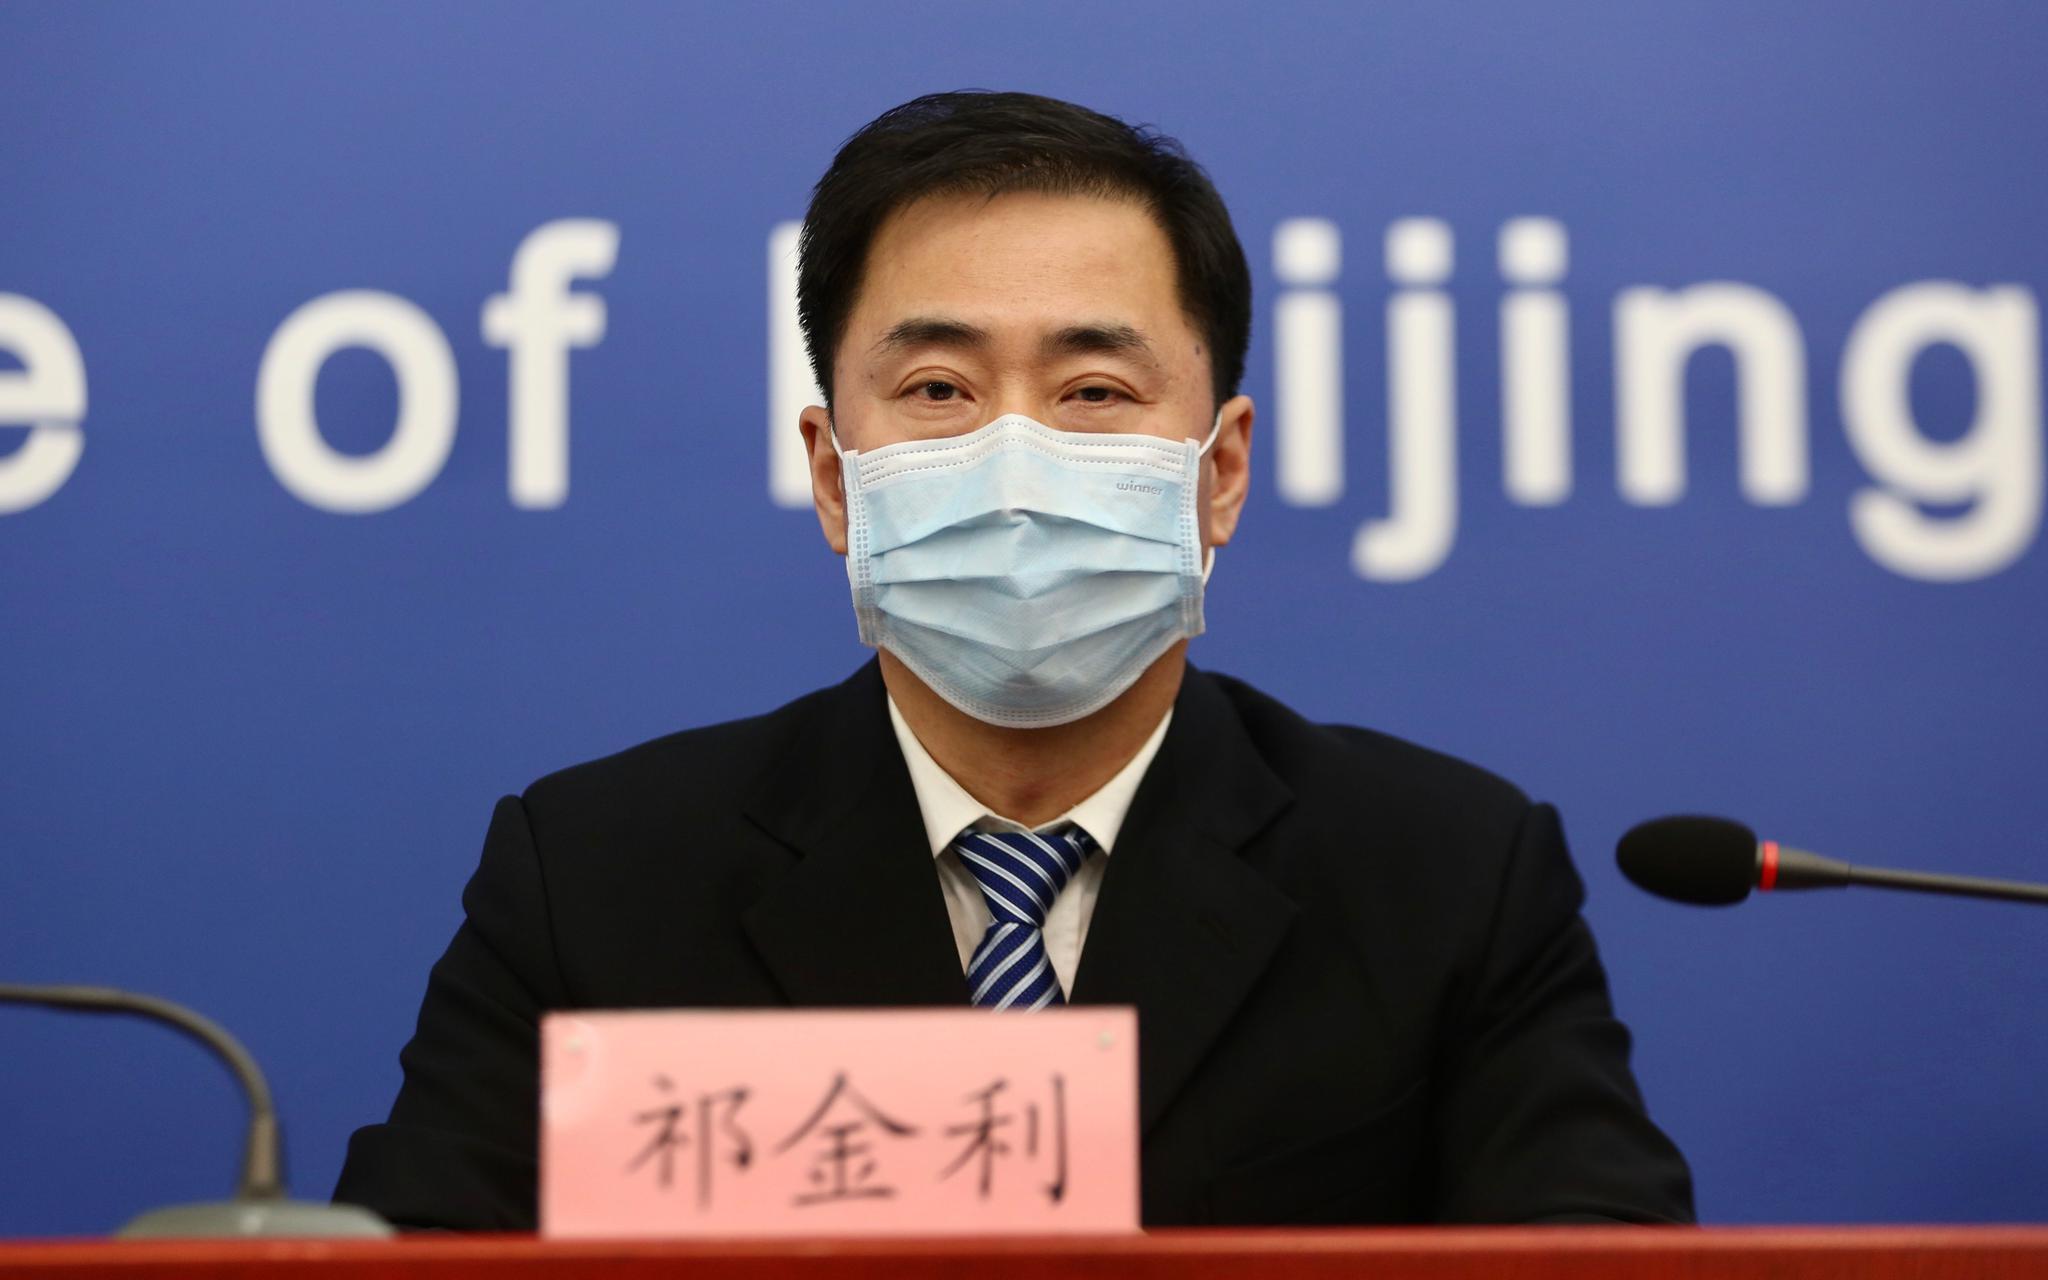 多国华人社团成立防疫组织  为住在国募捐防疫物资图片